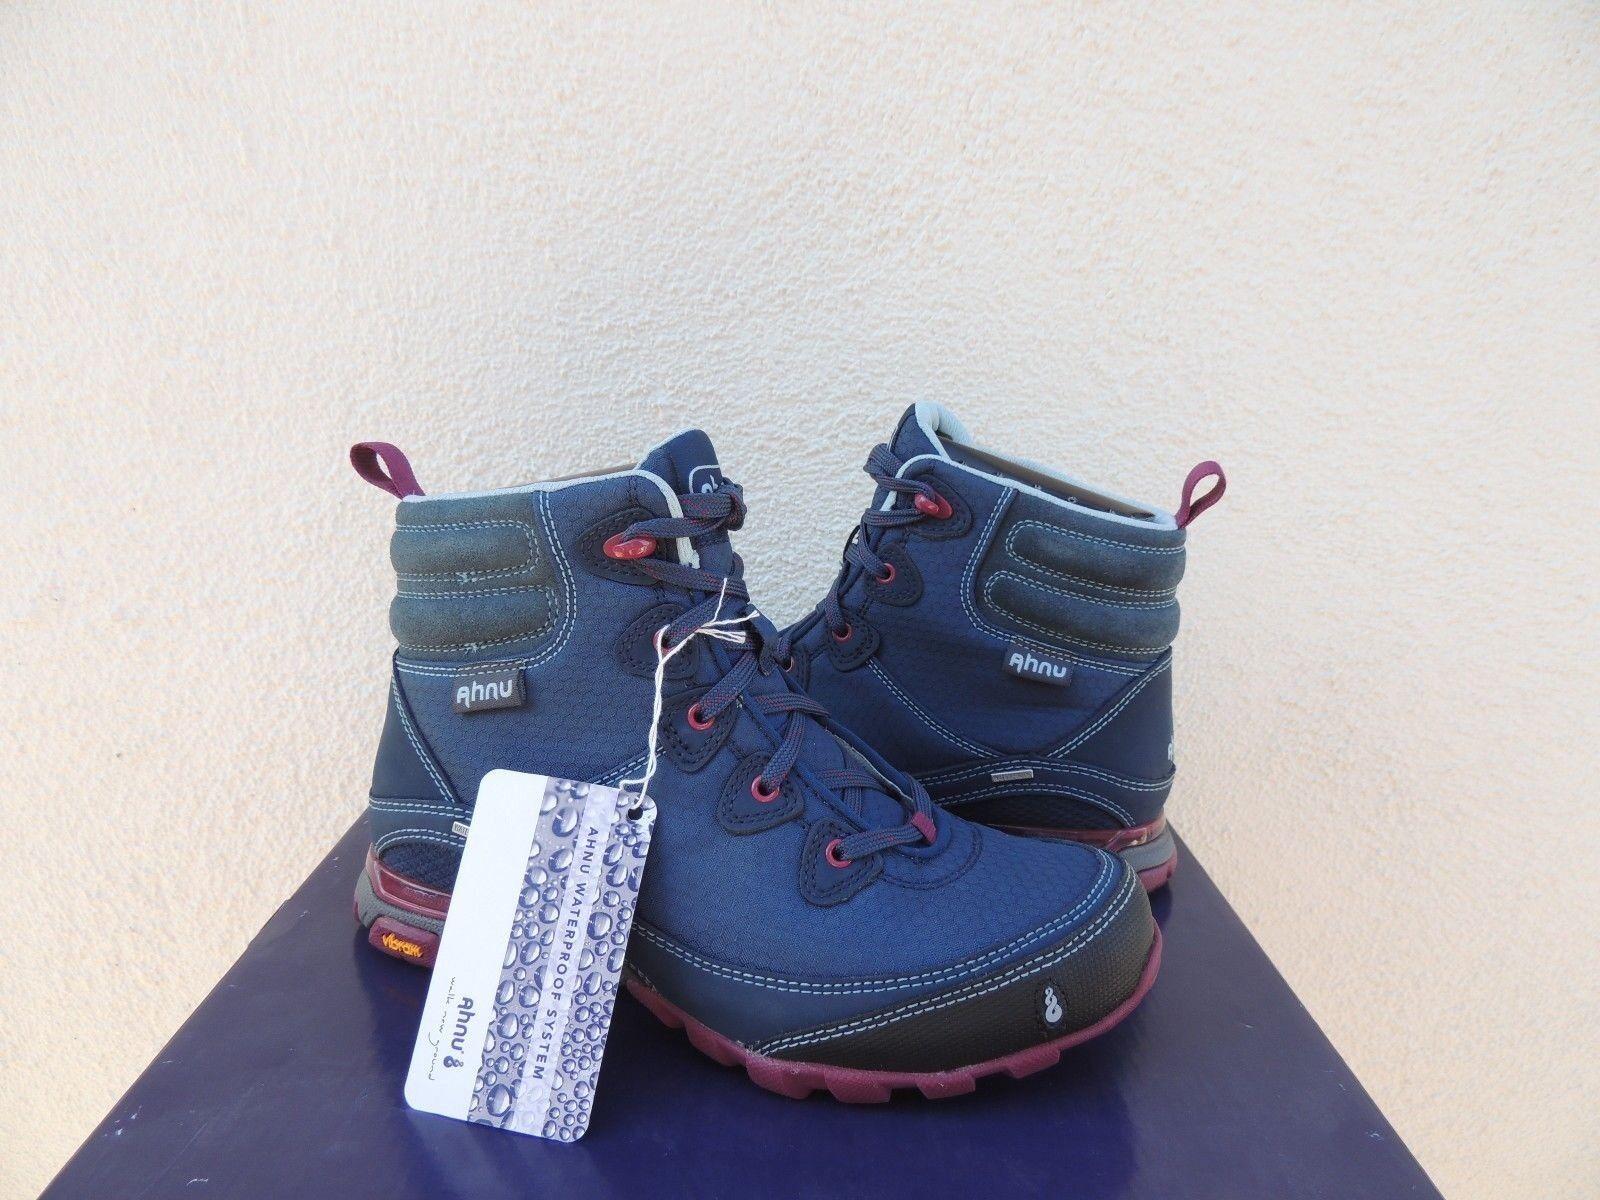 Ahnu Sugarpine Azul excursionismo hechizo botas para excursionismo Azul a prueba de agua, la mujer EE. UU. 5.5/36.5 euros  Nuevo En Caja fb2074